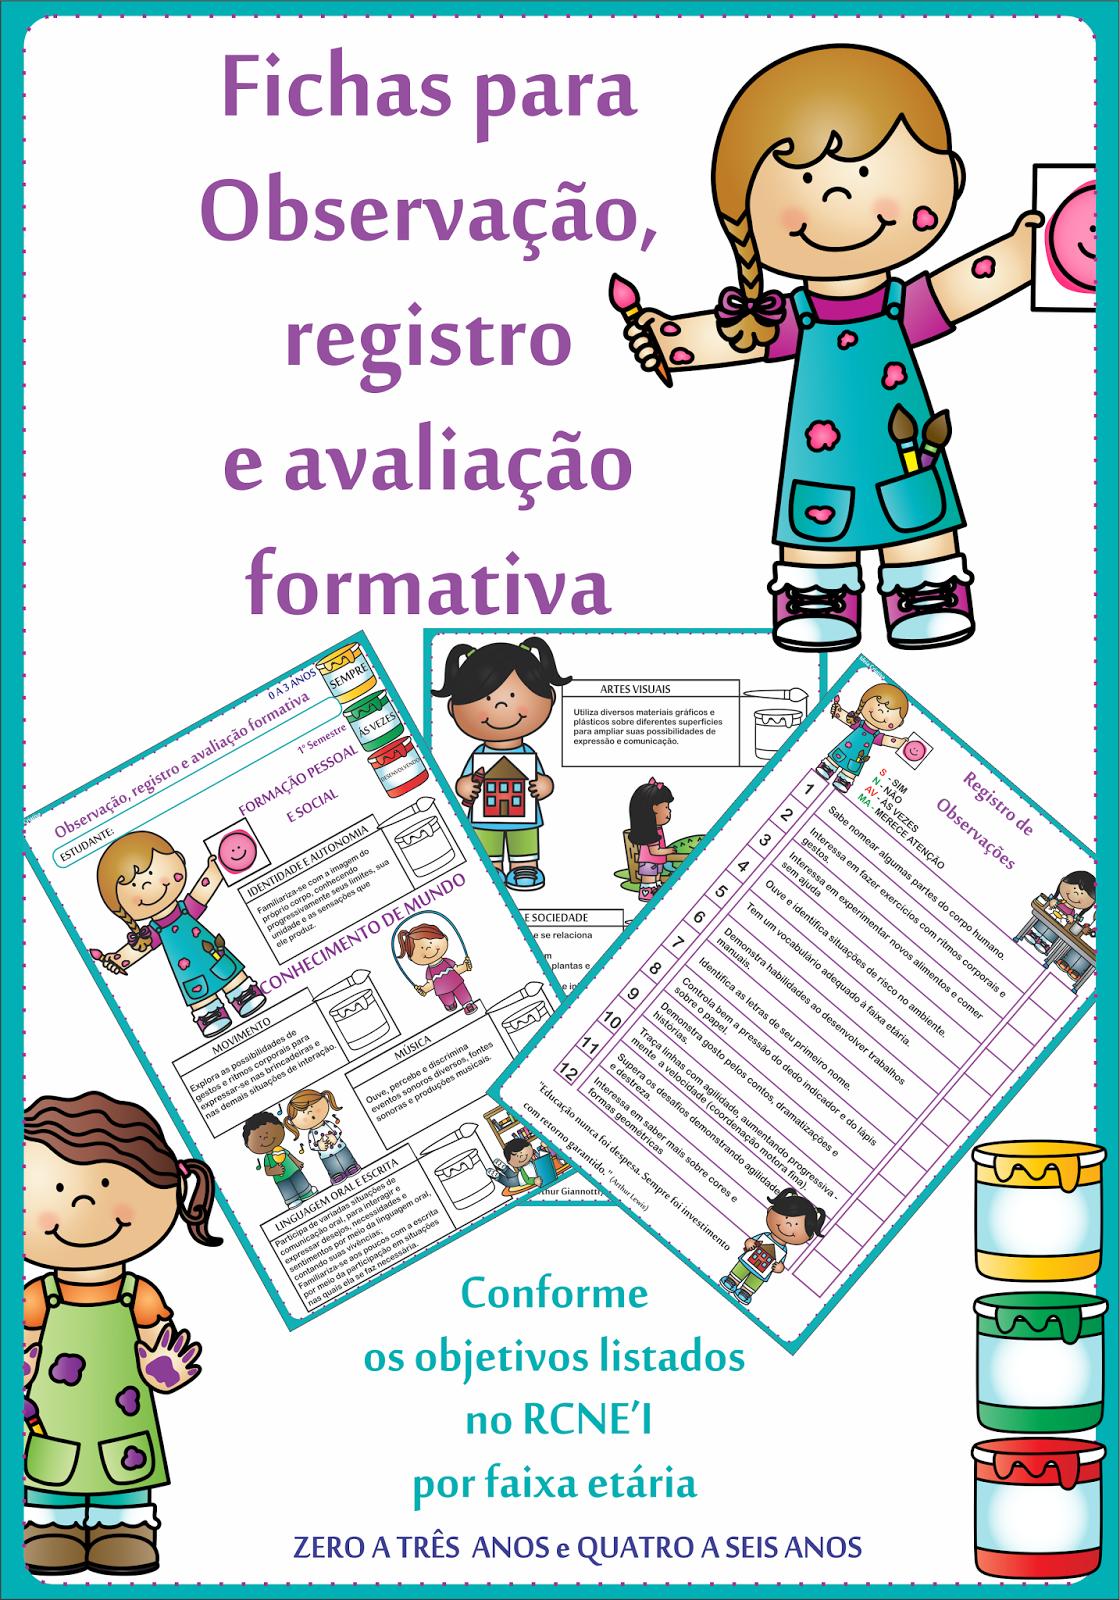 Fichas para Observação registro e Avaliação formativa conforme objetivos listados nos Referenciais Curriculares Nacionais Educação Infantil